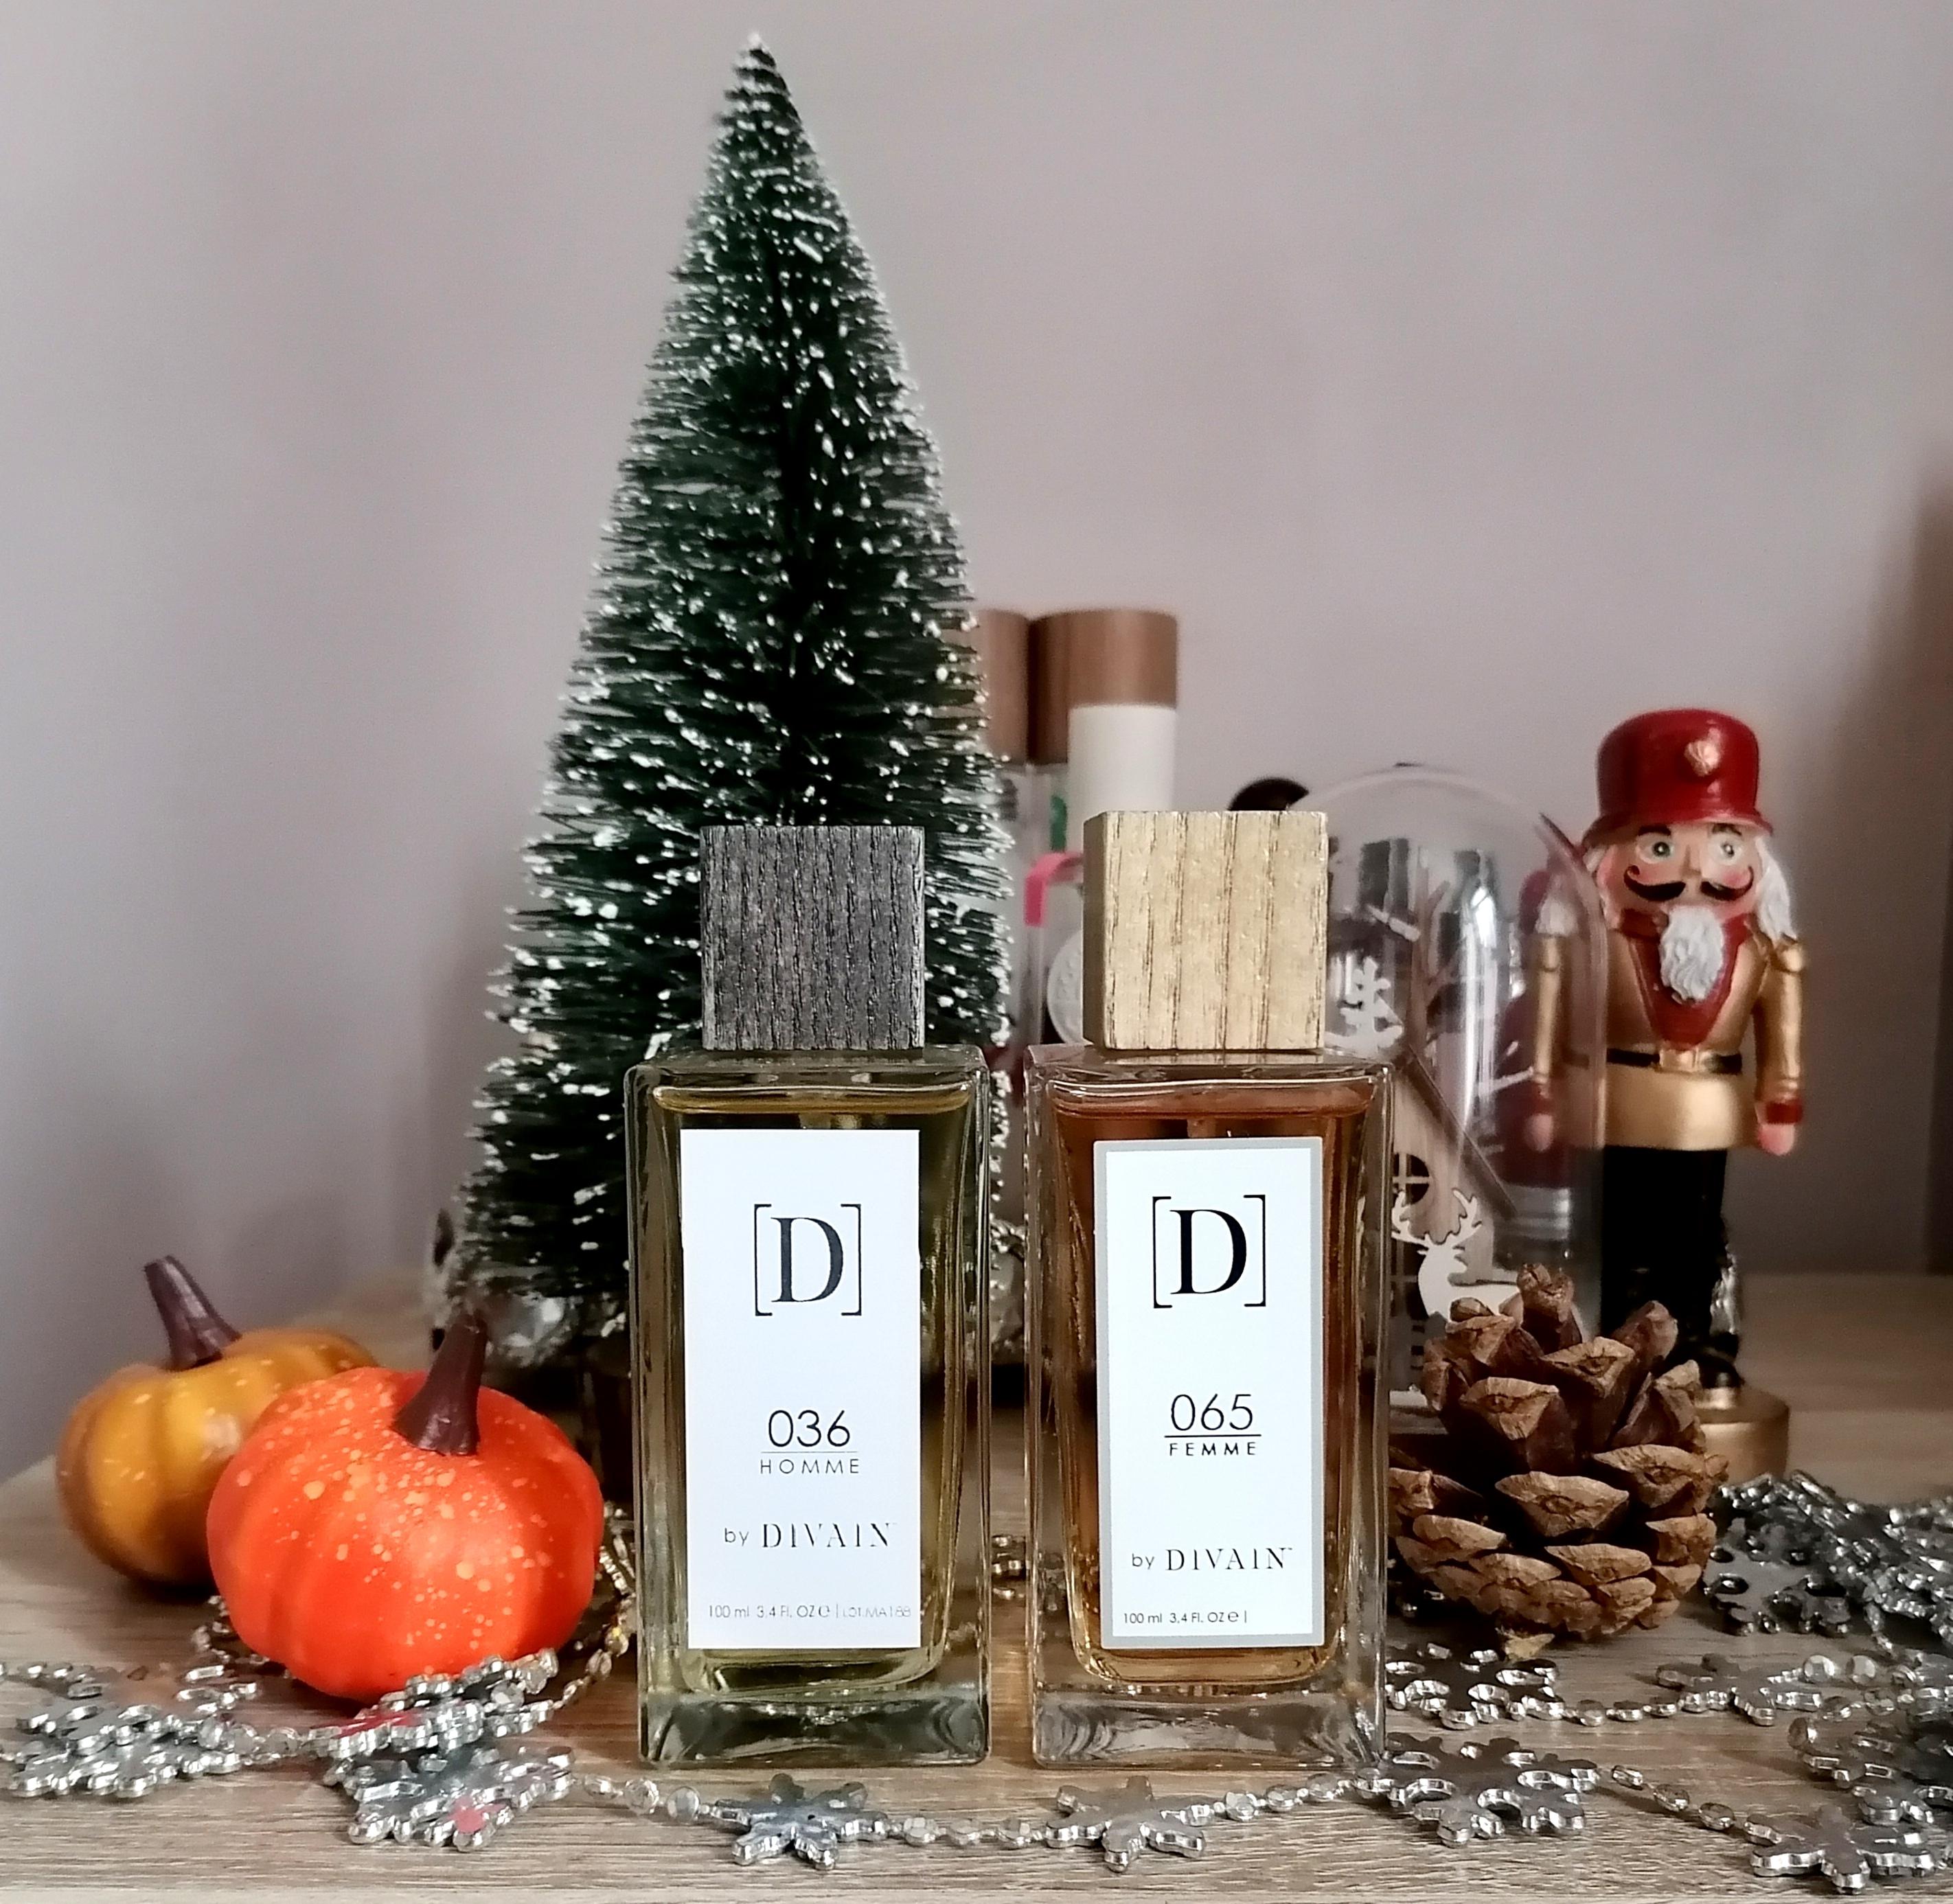 DIVAIN, découverte de la boutique espagnole de parfums d'équivalence!